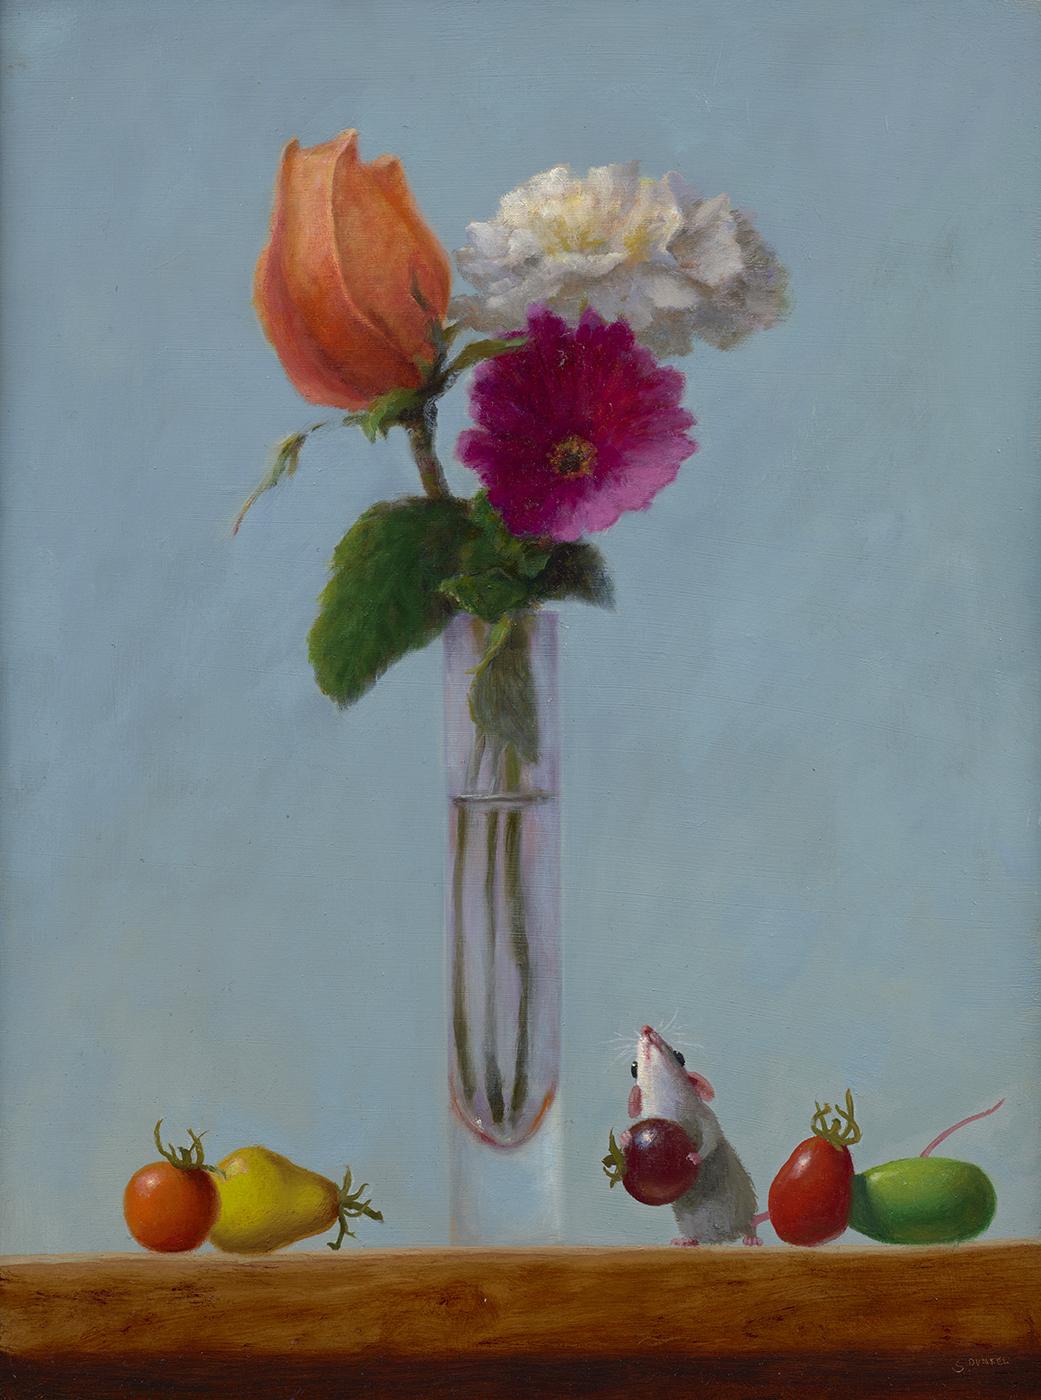 stuart_dunkel_sd1332_3_flowers.jpg